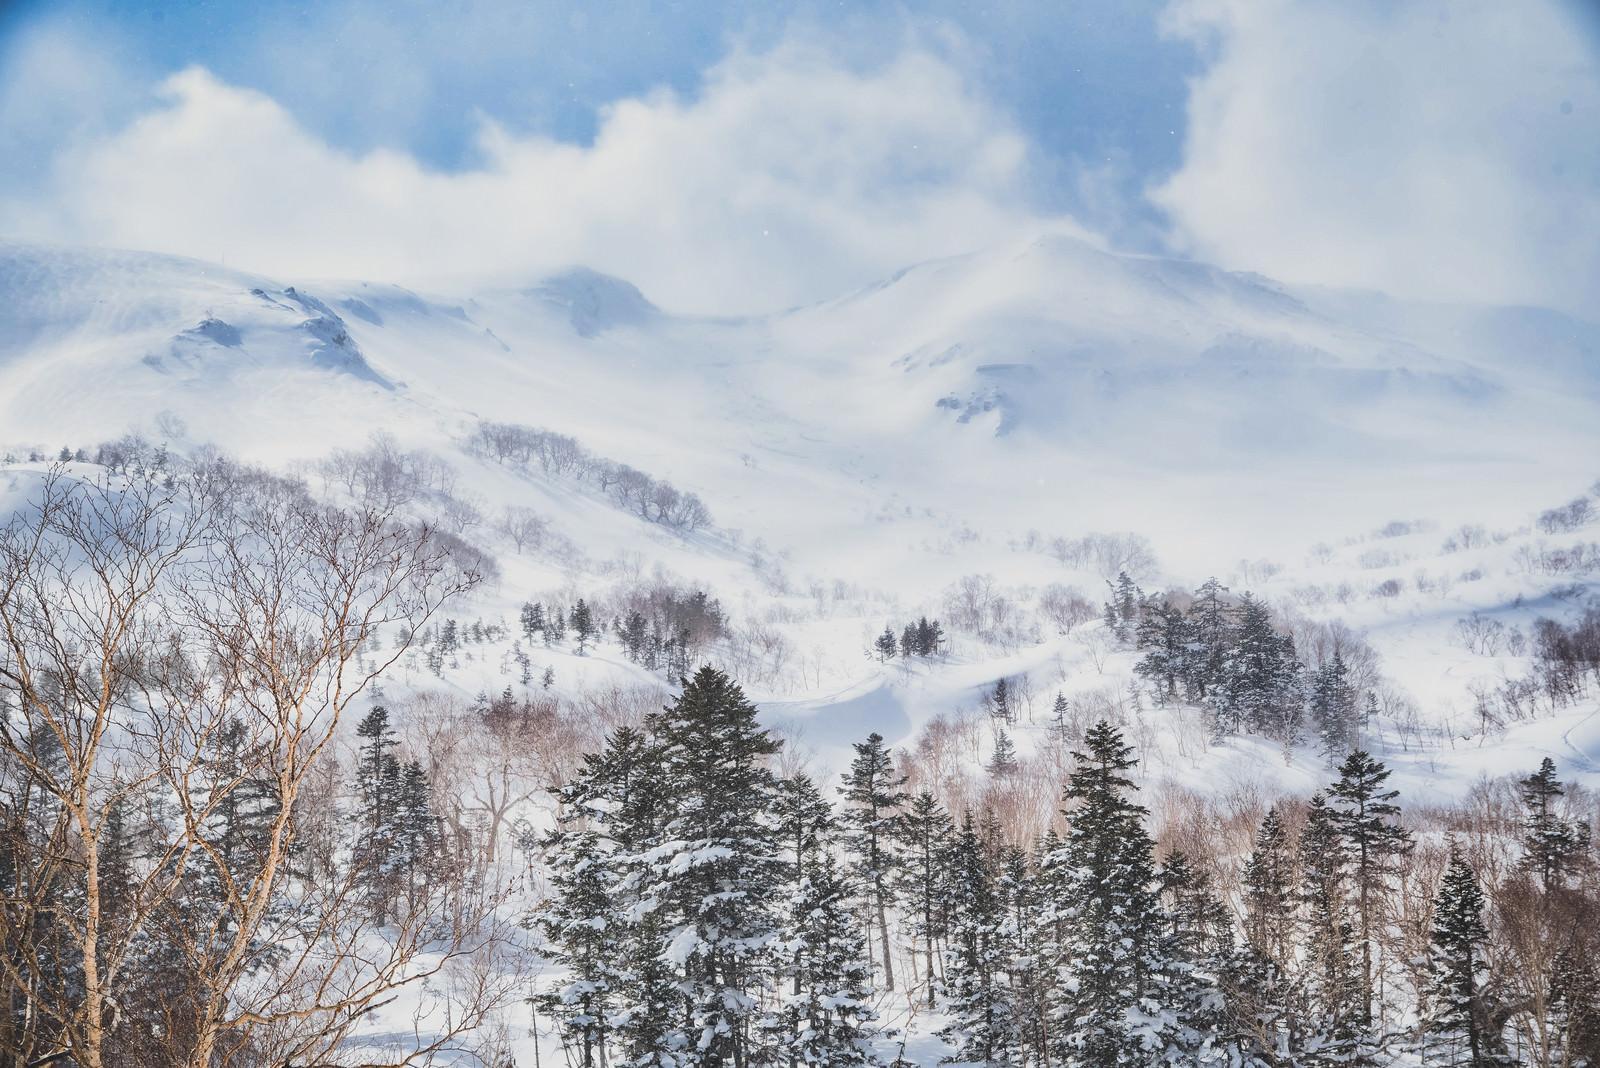 「幻想的な冬の乗鞍高原(北アルプス)」の写真